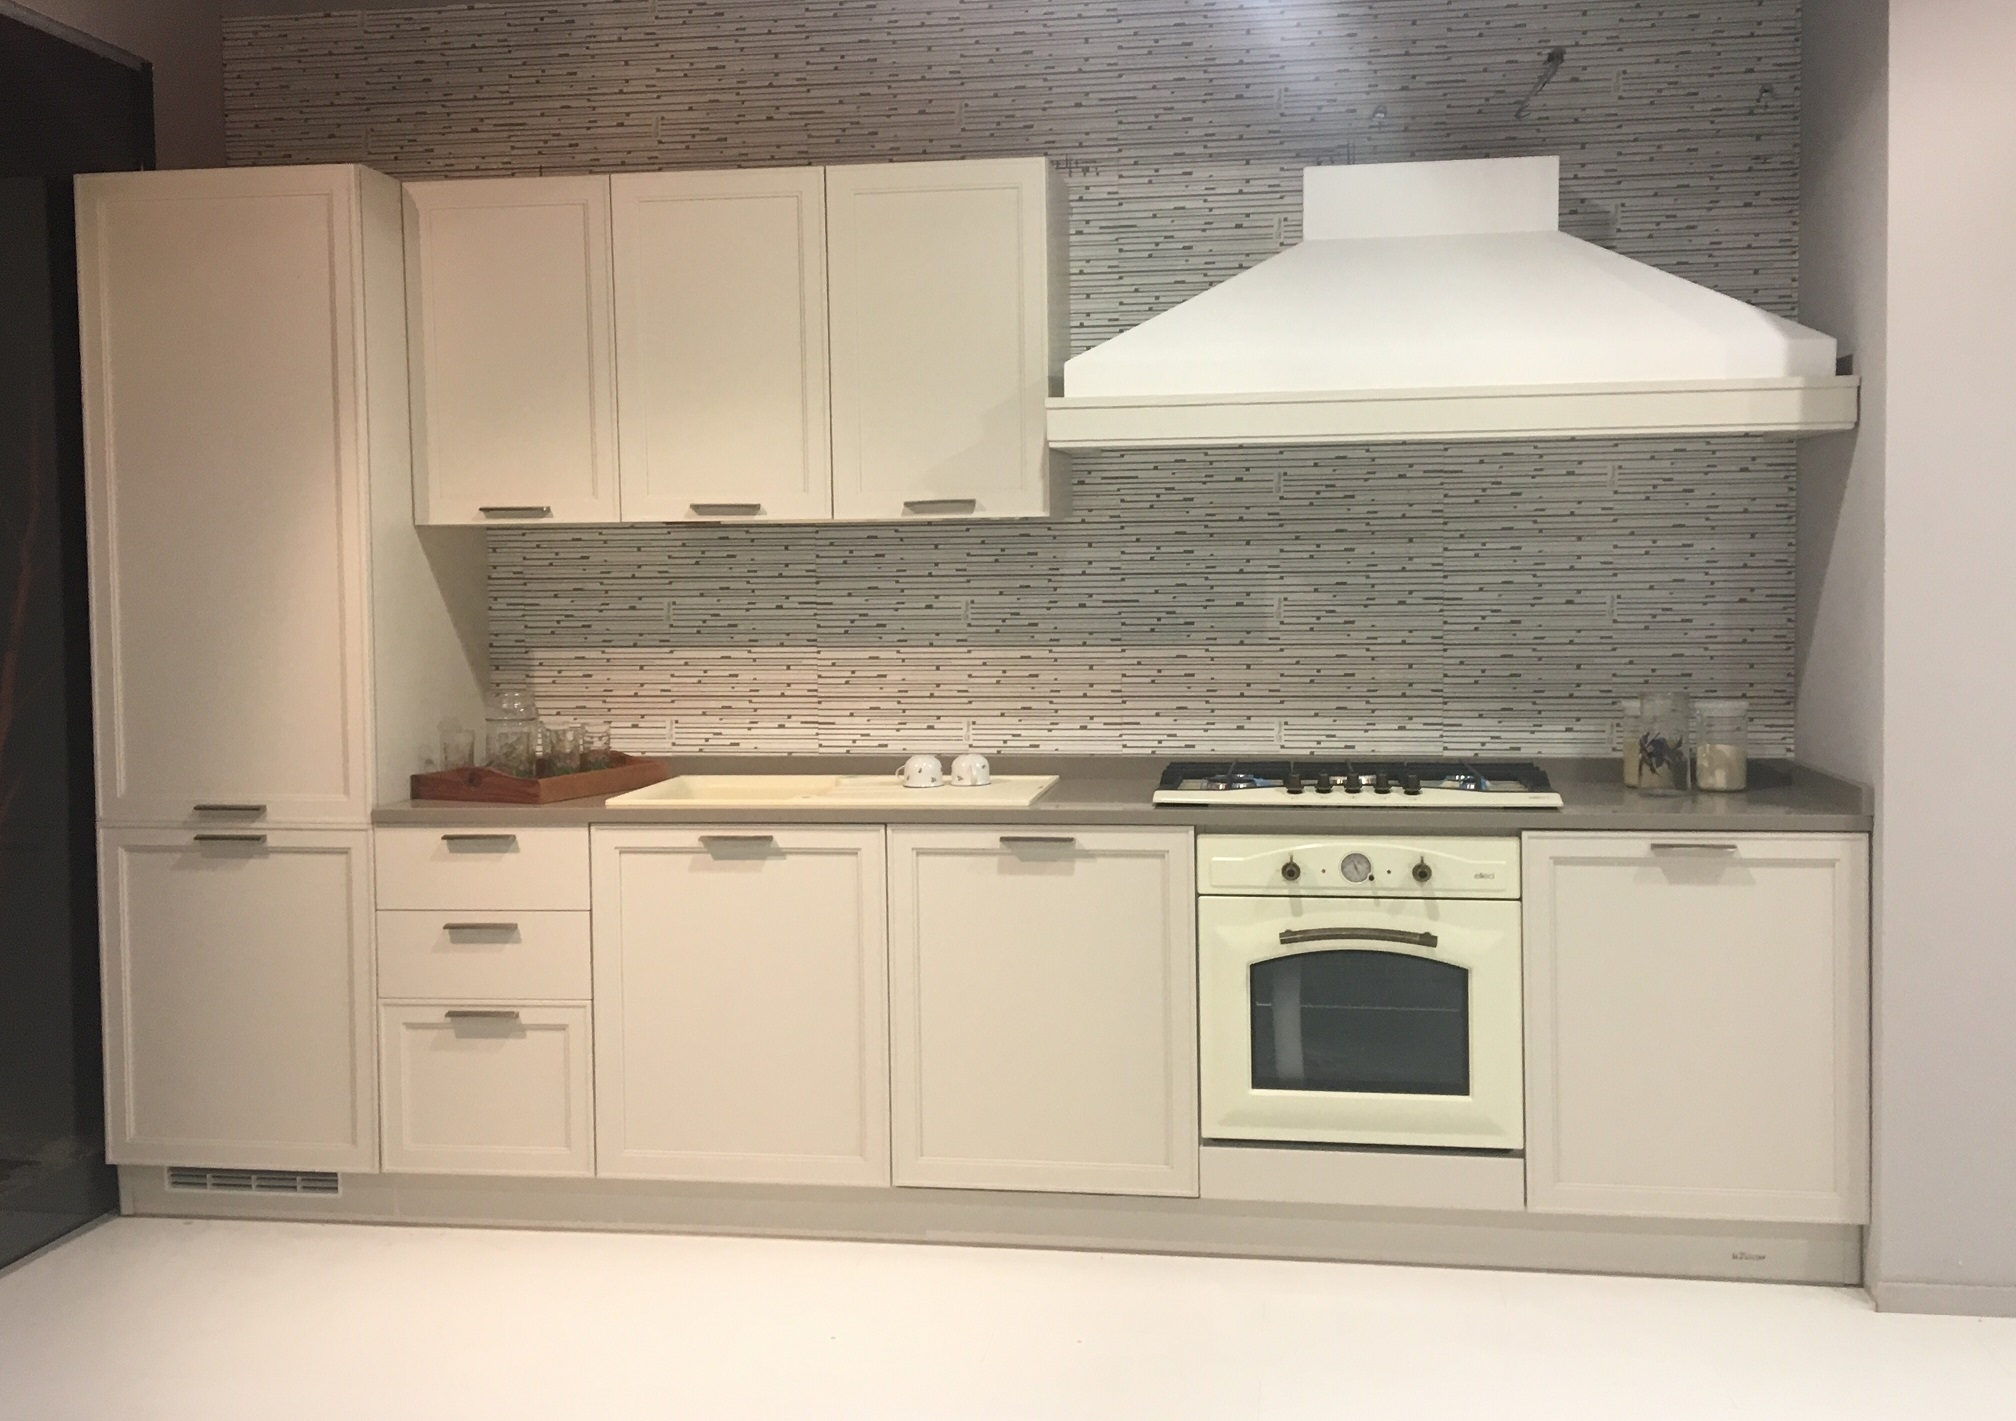 Le fablier cucina melograno moderne laccato bianca - Le fablier cucine prezzi ...